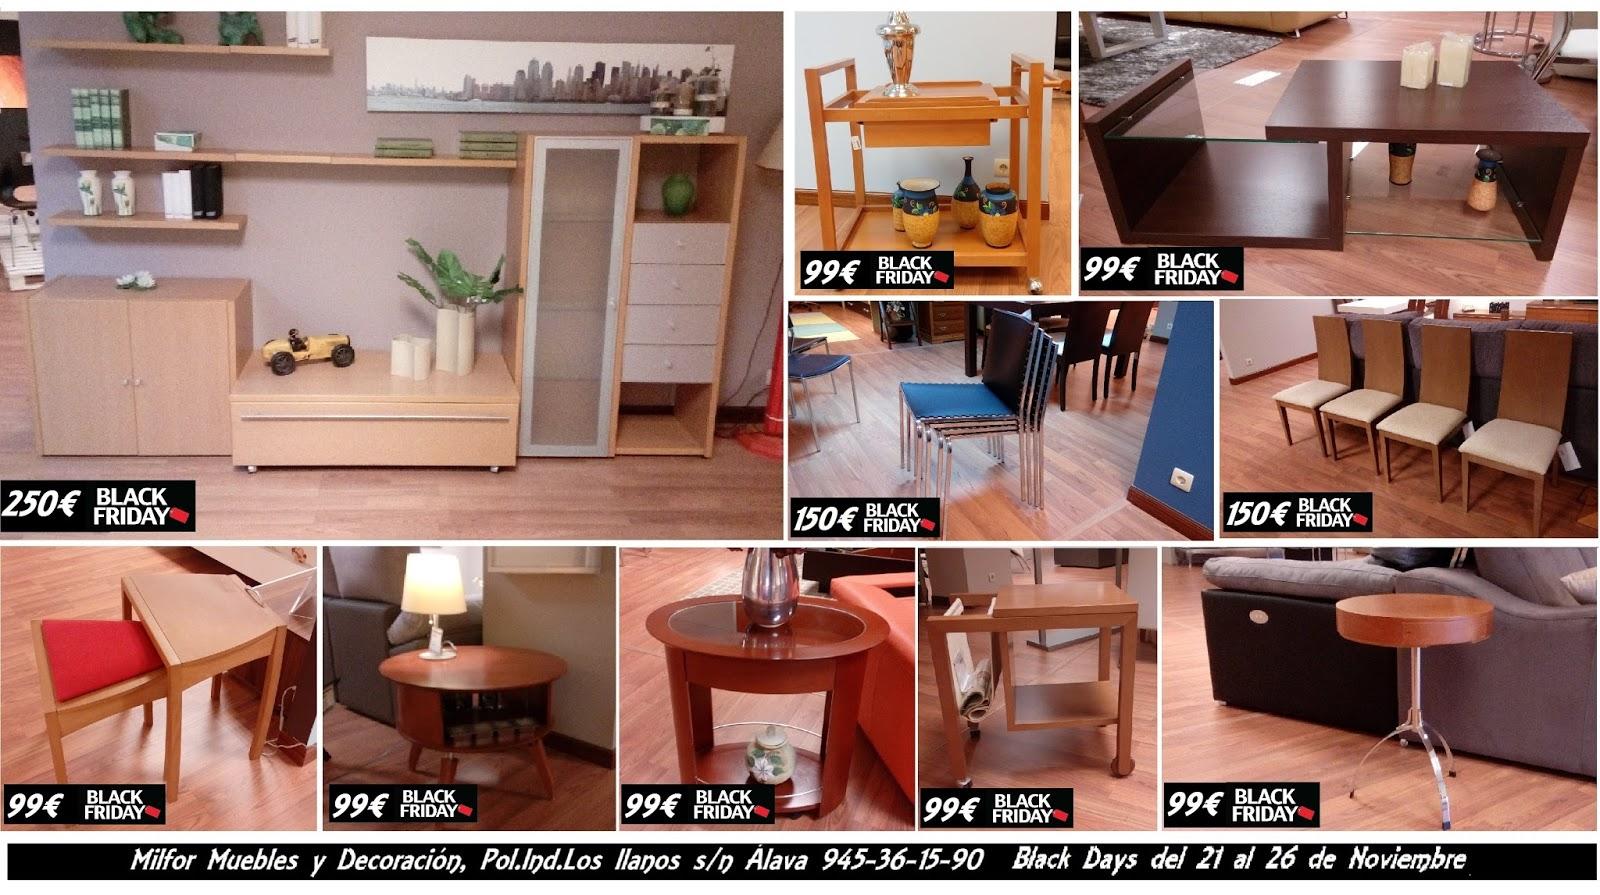 Muebles y decoracion de interiores - Black friday muebles ...